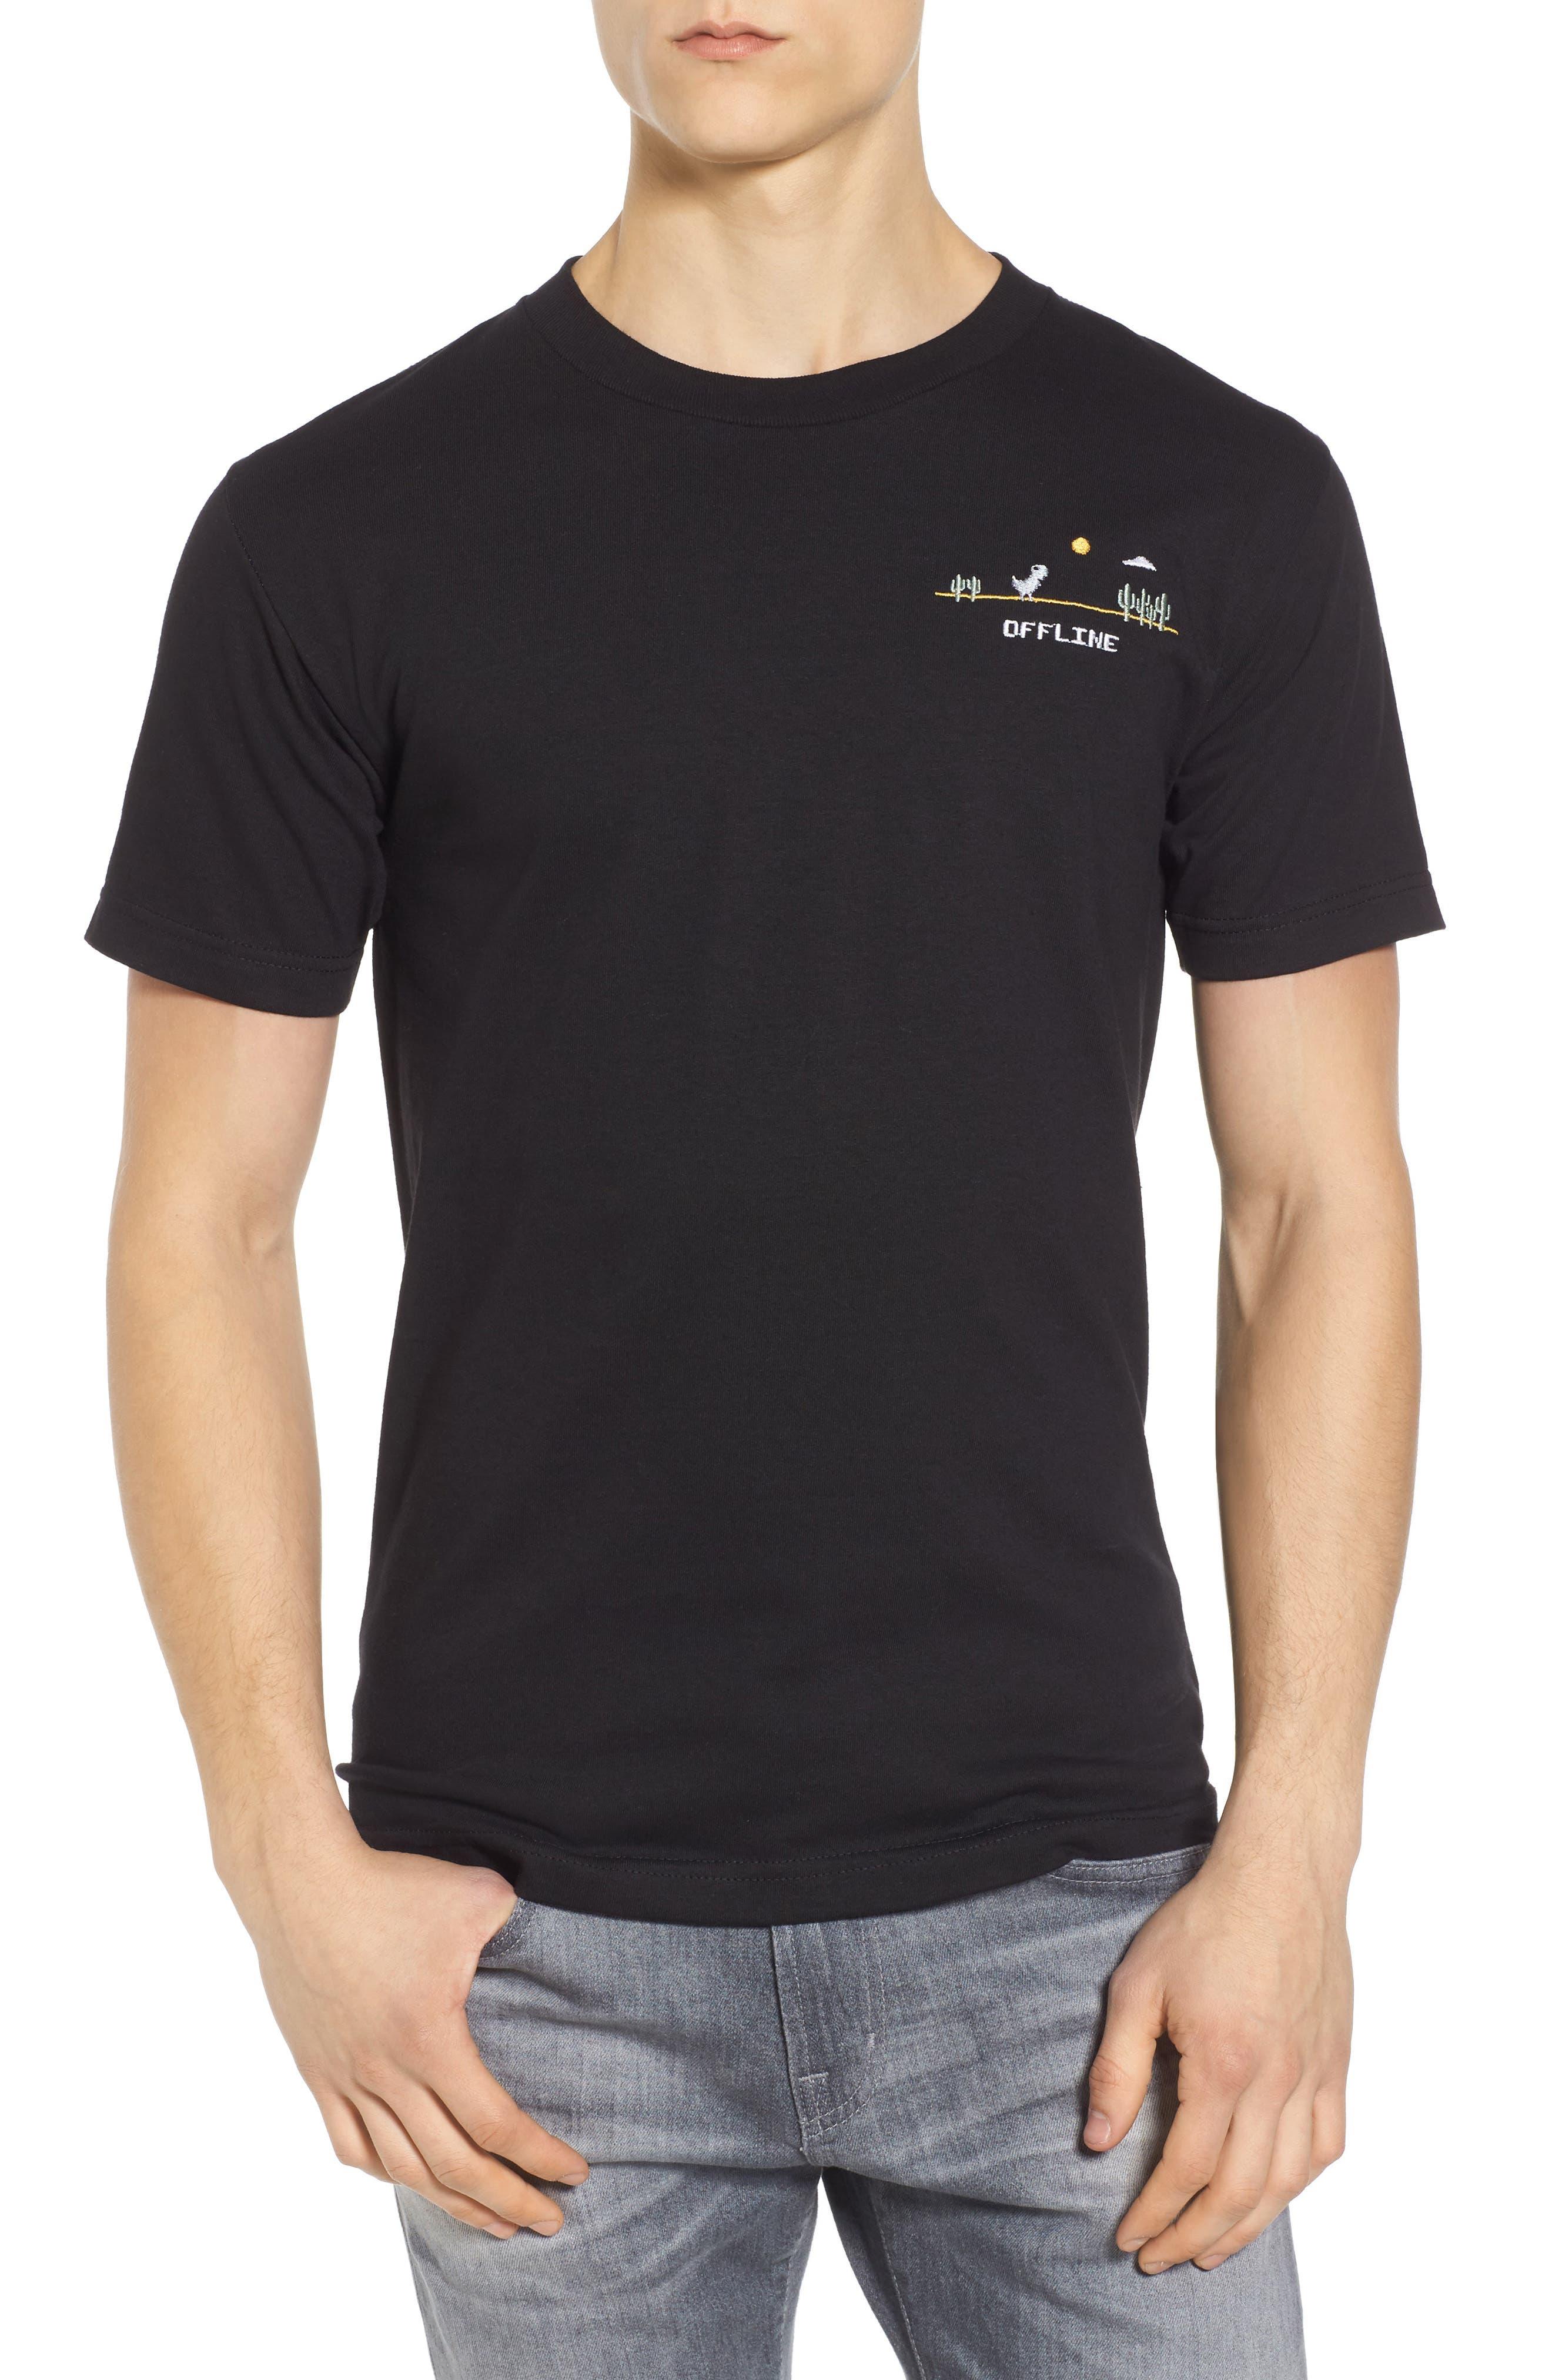 Dino Offline T-Shirt,                         Main,                         color, 001